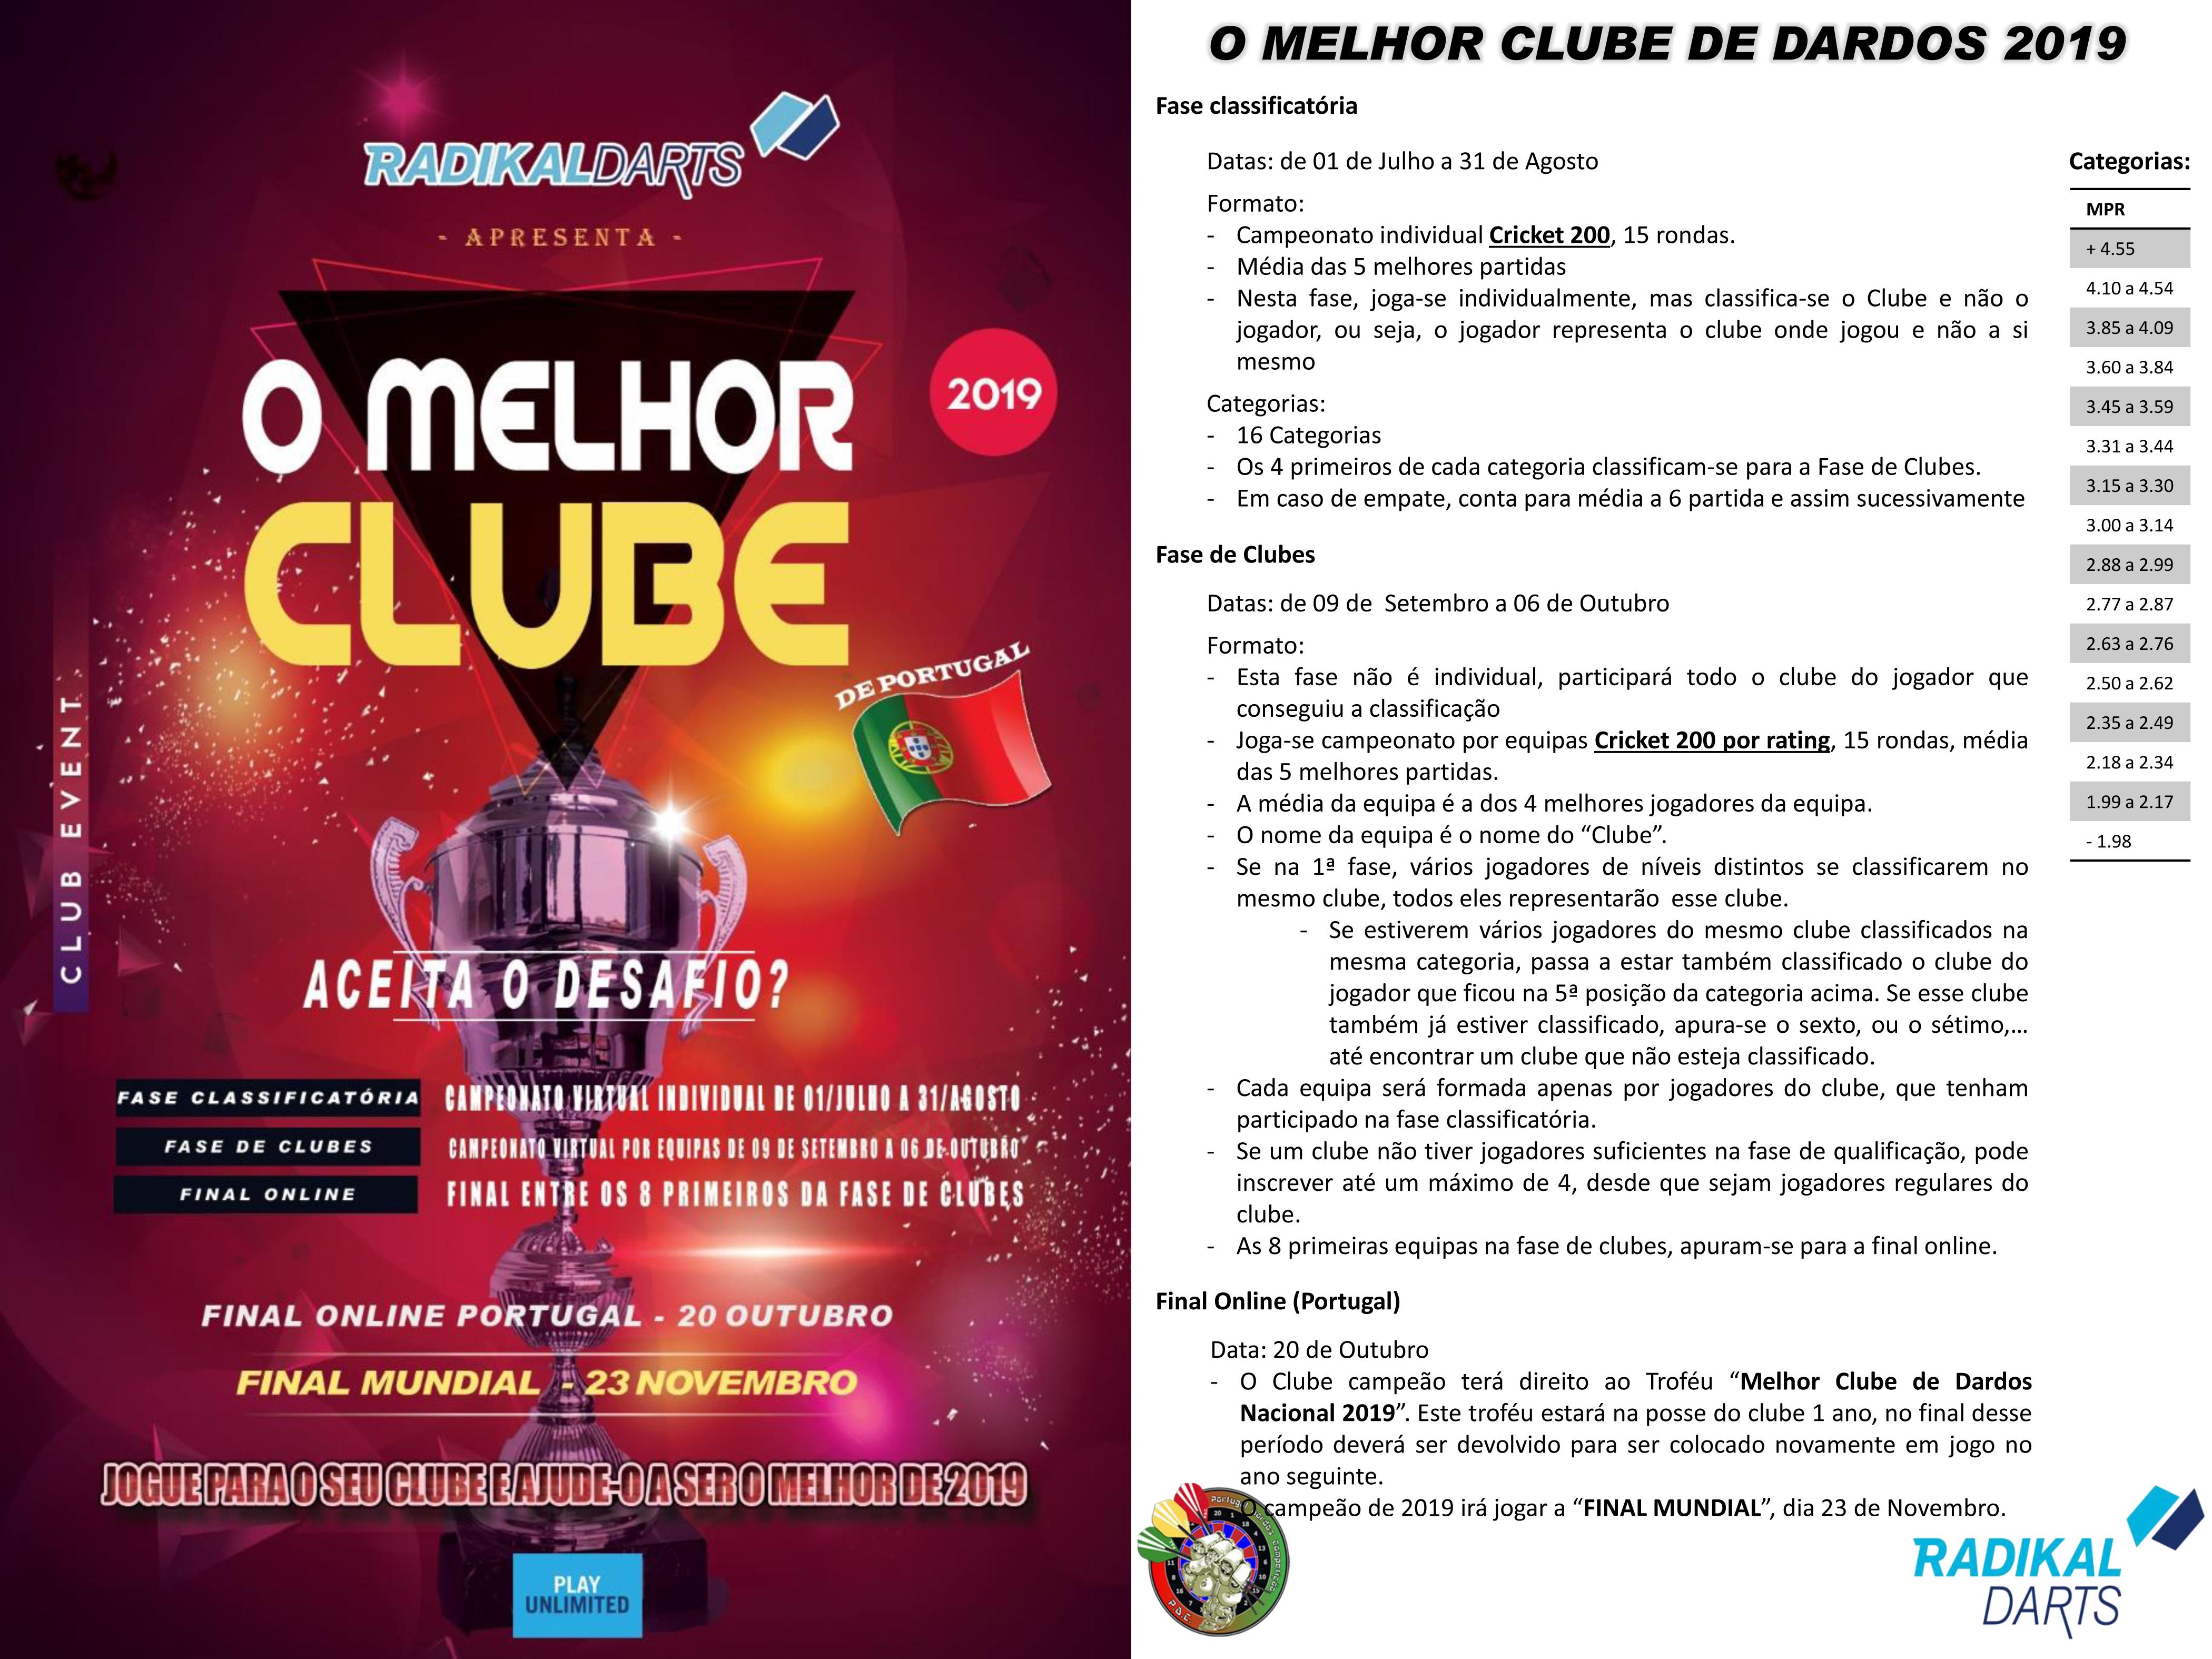 O MELHOR CLUBE